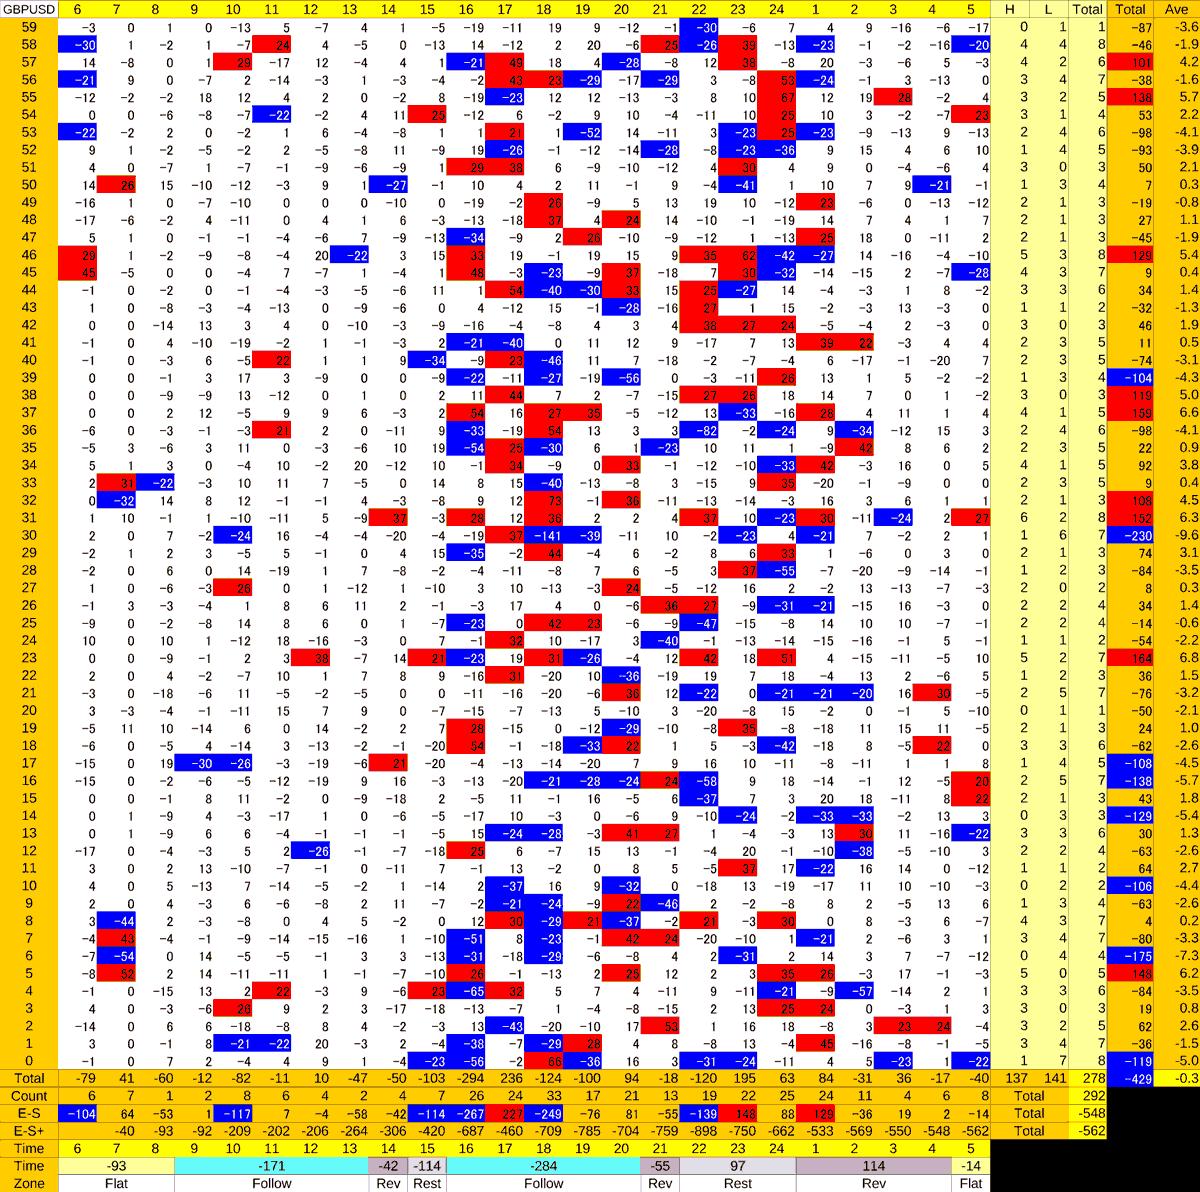 20210122_HS(2)GBPUSD